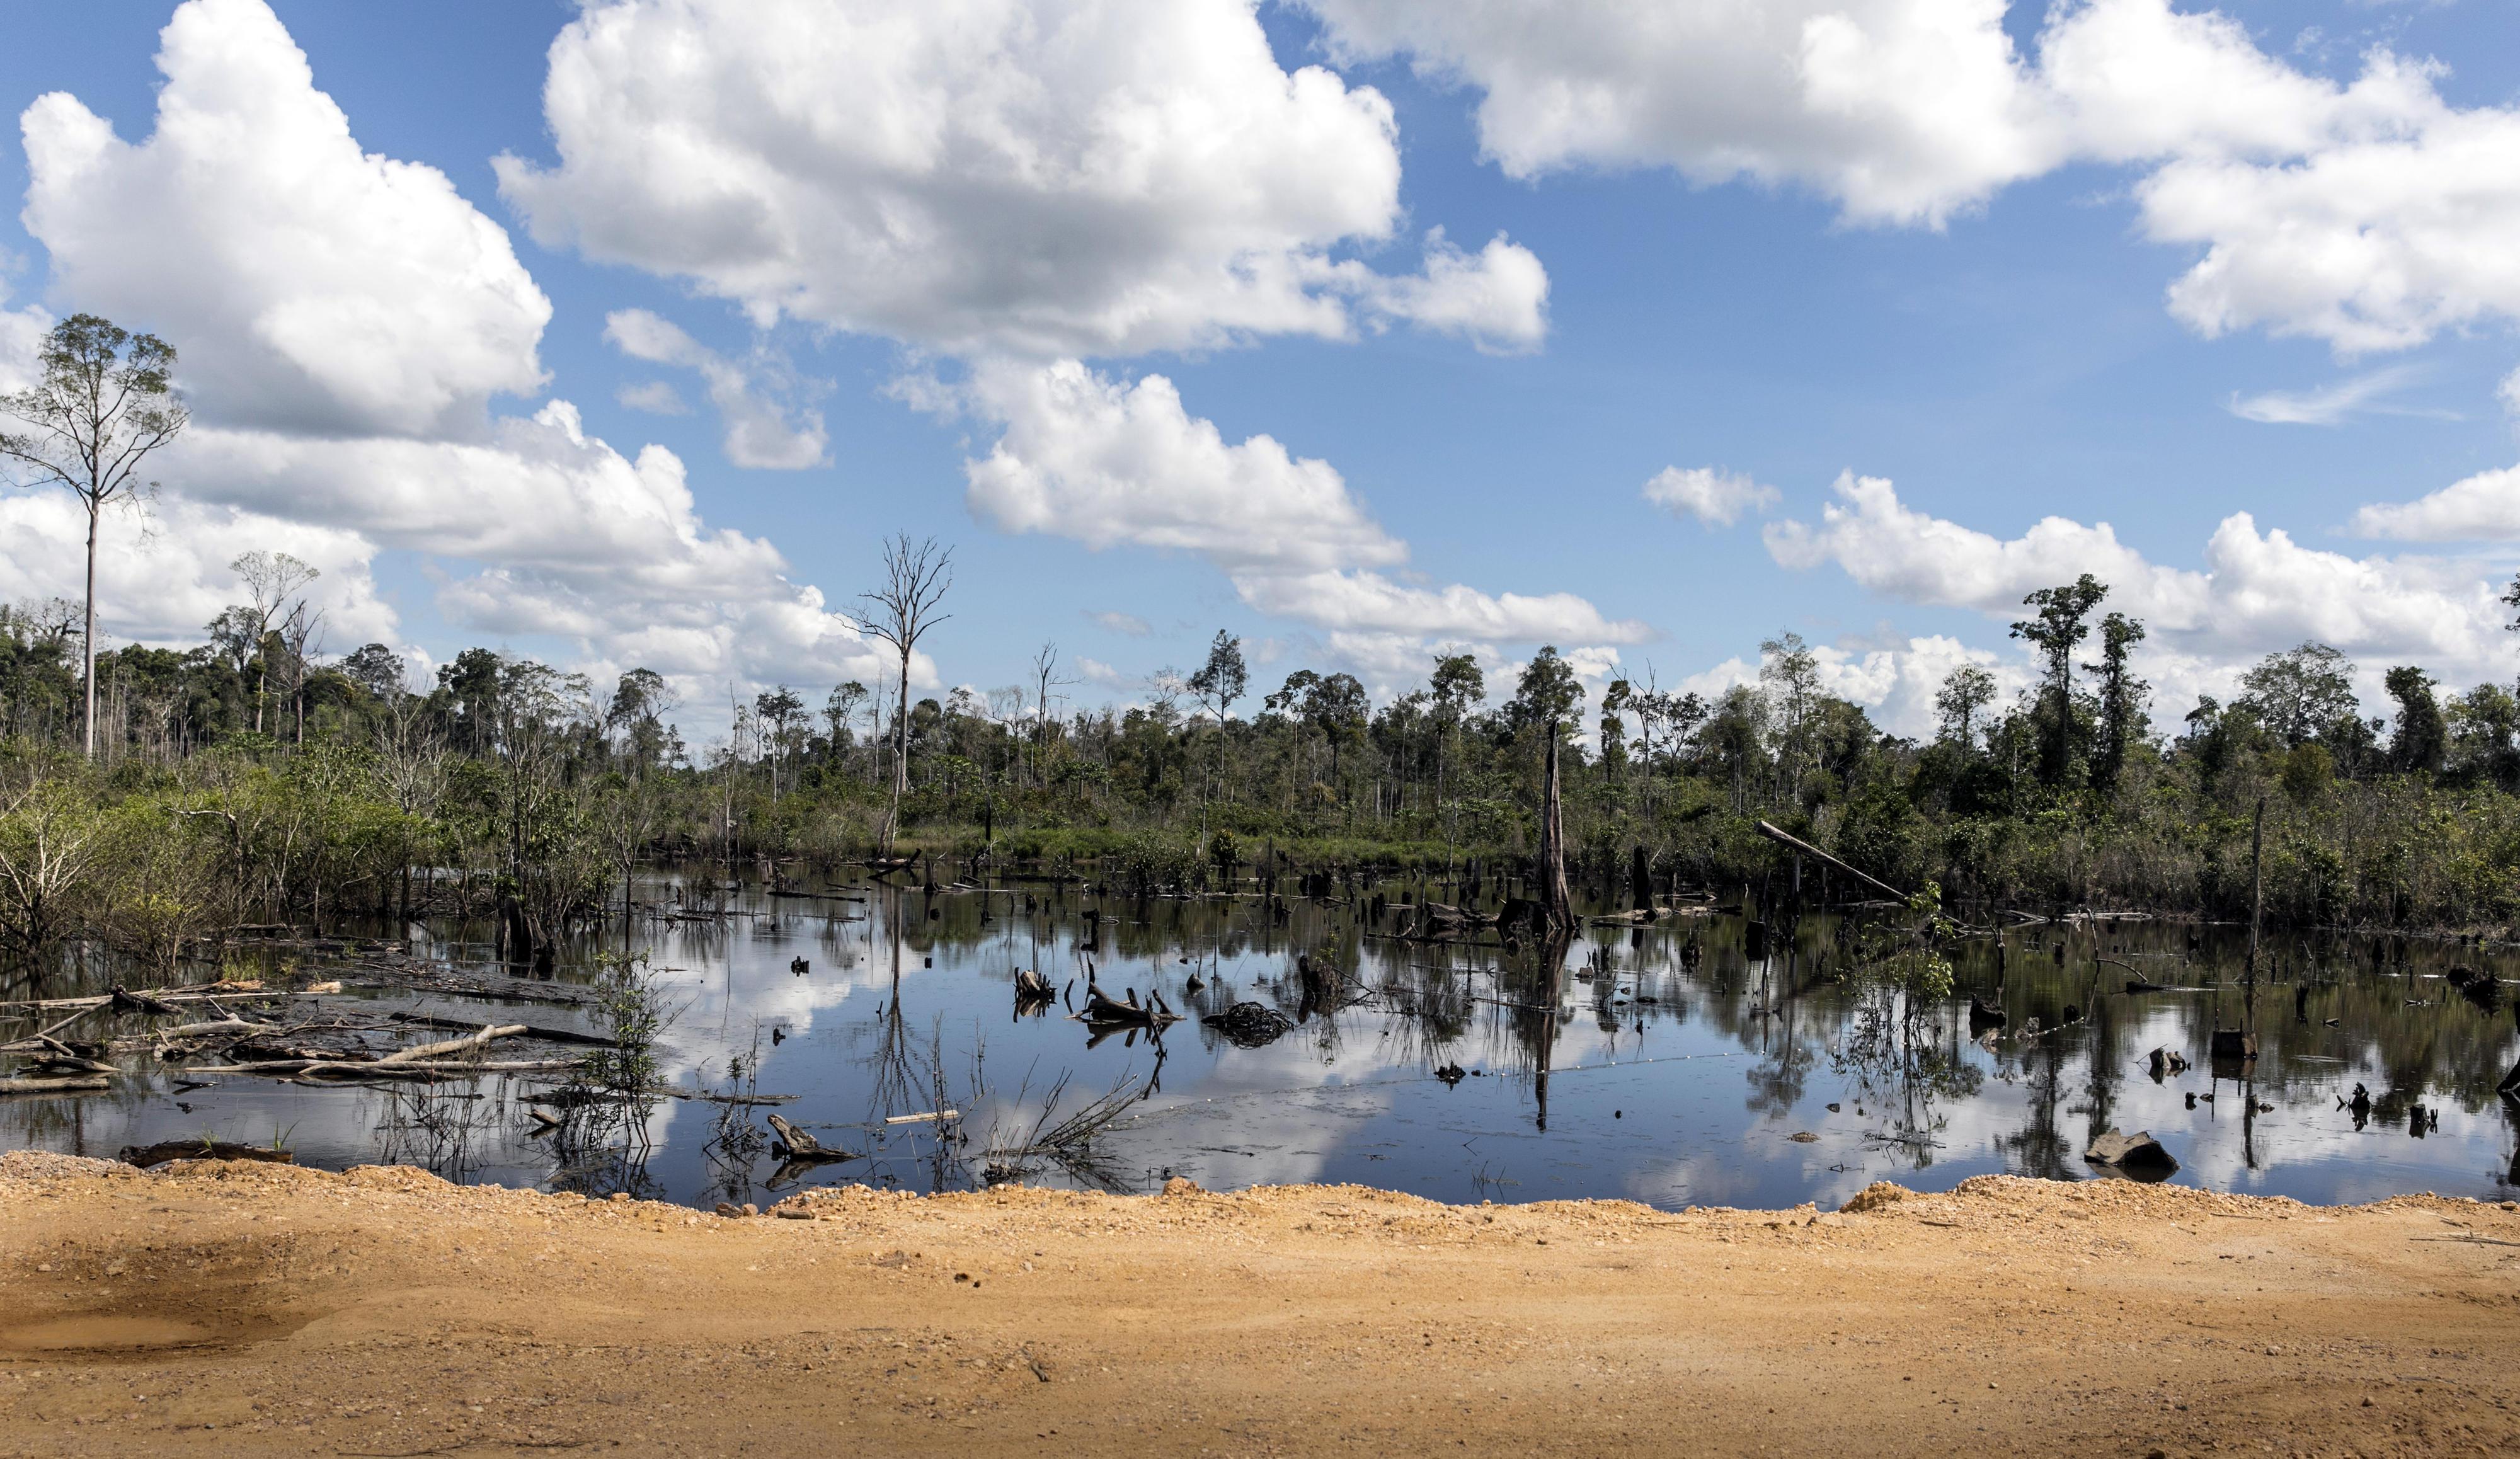 Entwaldete Landschaft bei Labanan Makarti auf Borneo